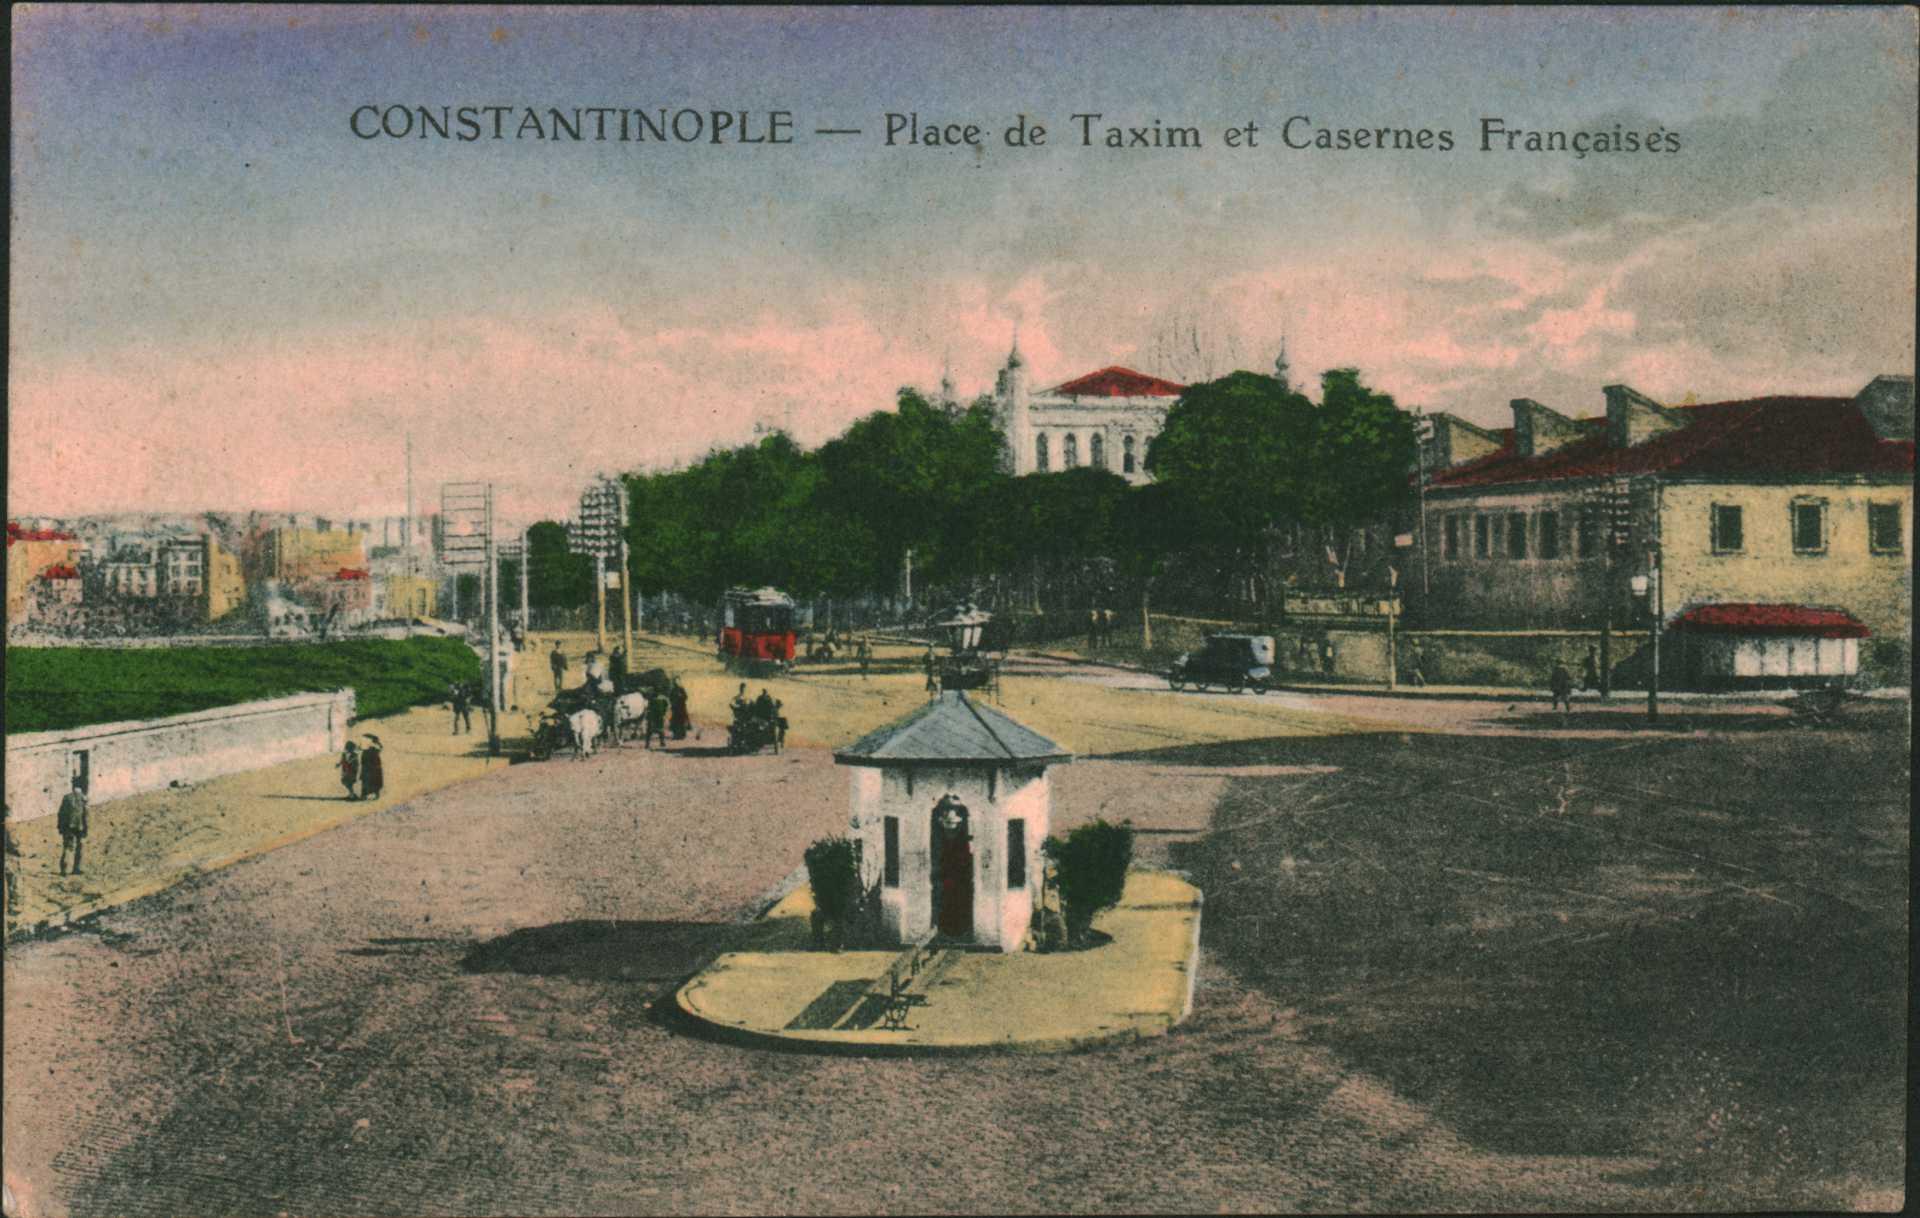 Constantinople – Place de Taxim et Casernes Françaises